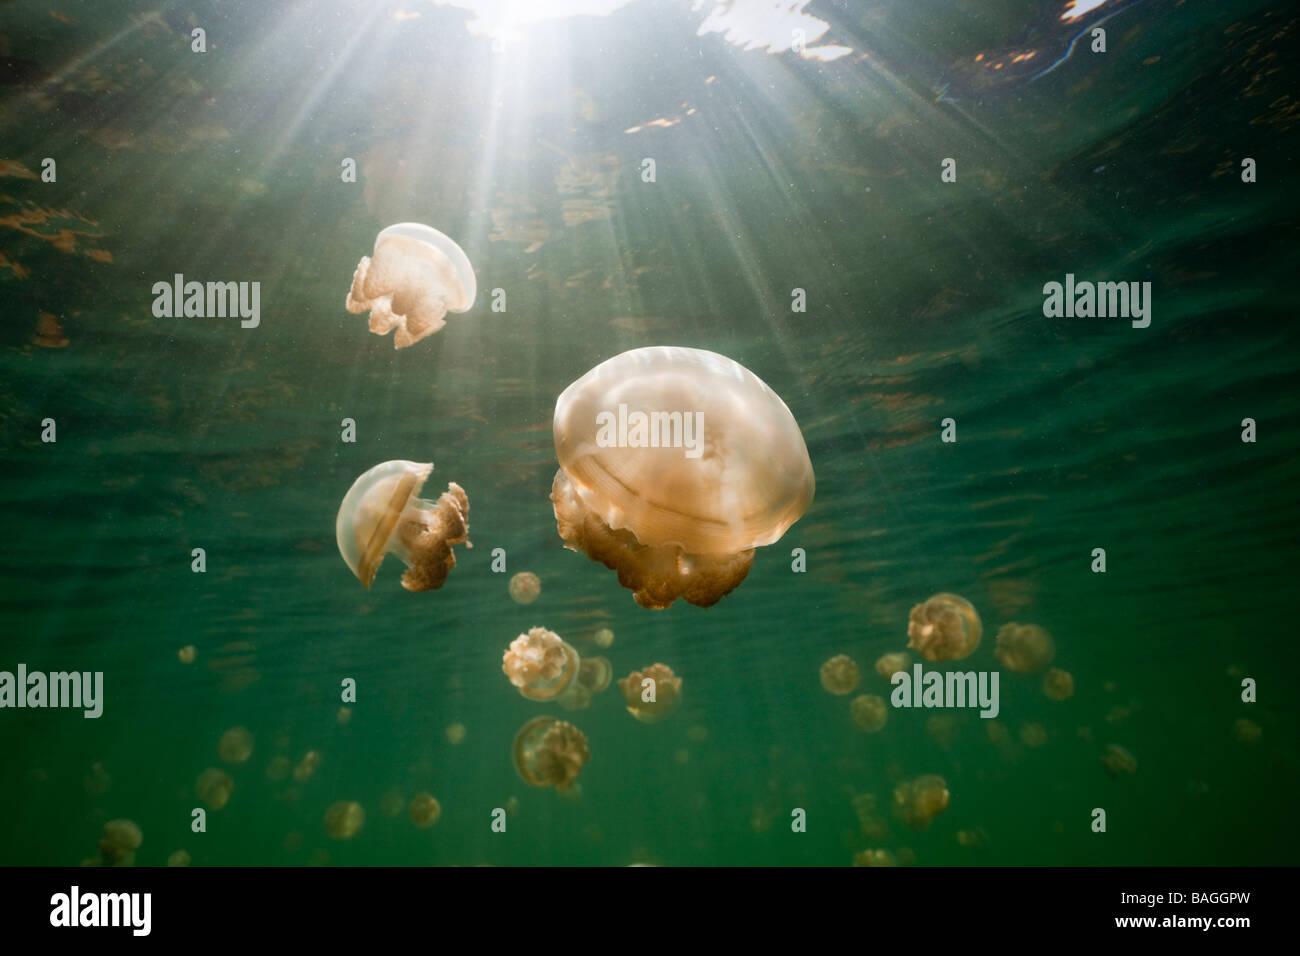 Endémica Mastigias medusas Mastigias papua etpisonii Jellyfish Lake, Micronesia, Palau Foto de stock